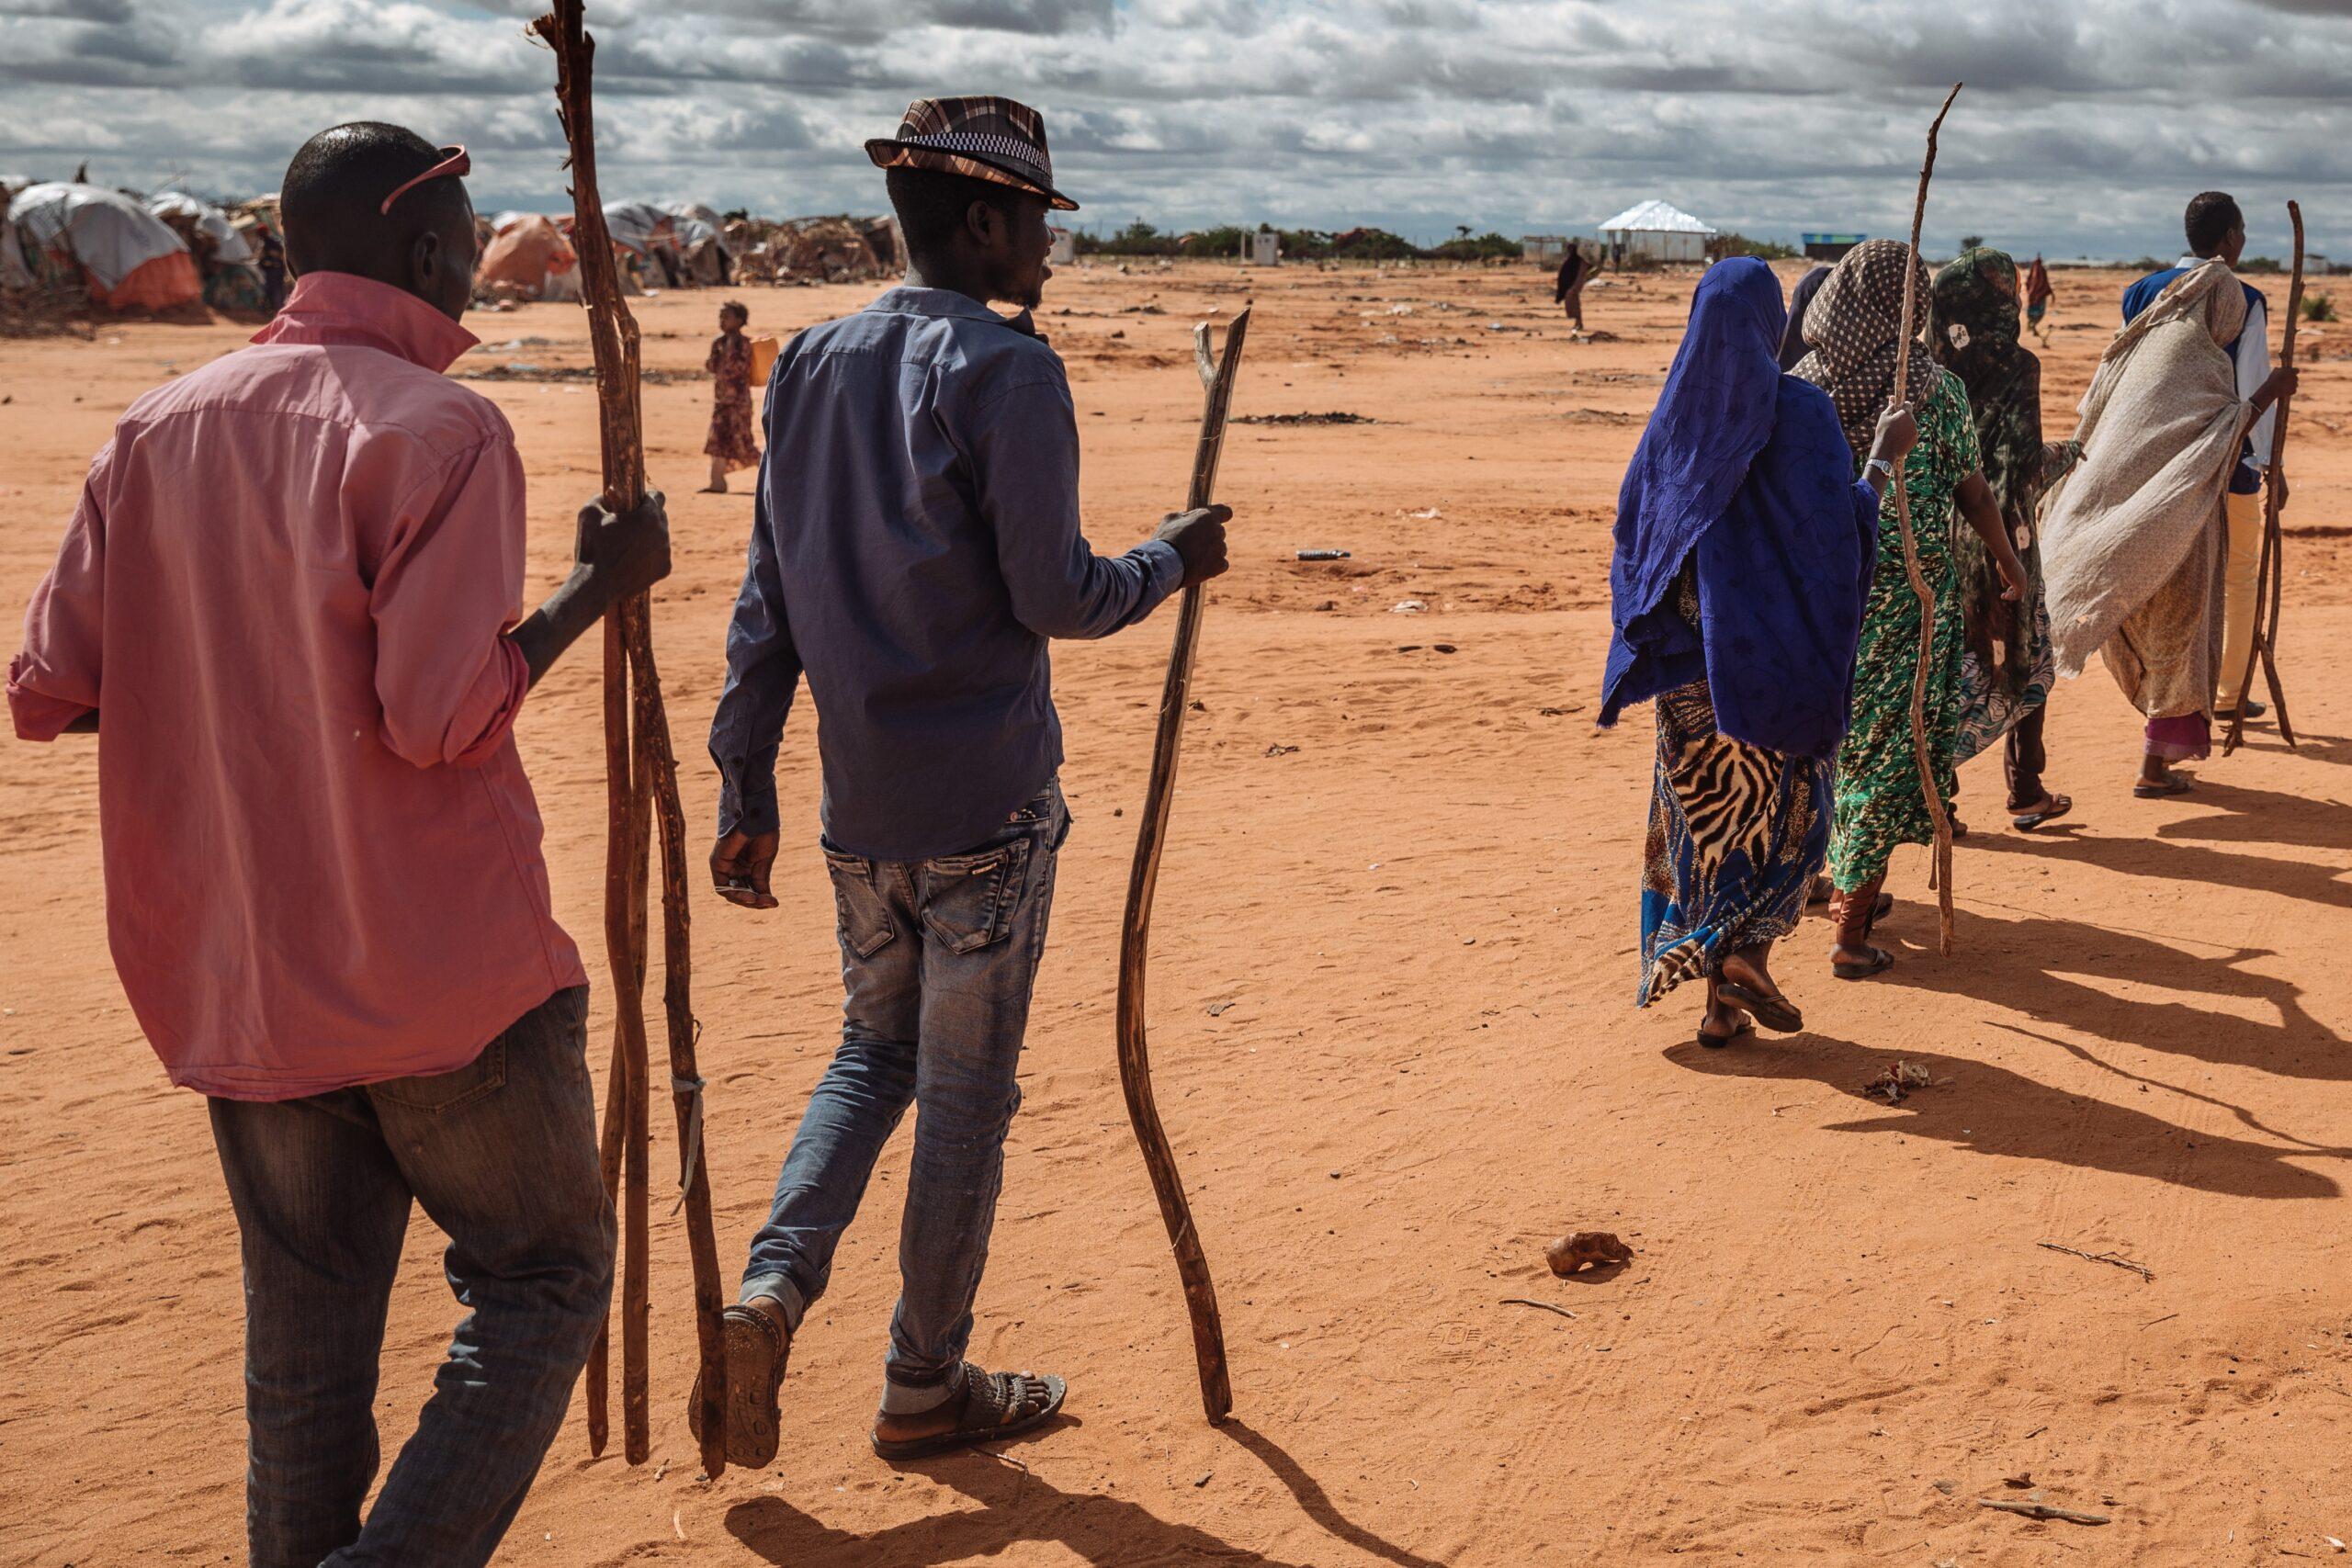 Deslocados internos chegam a campo em Doloow, Somália. Questões climáticas devem elevar deslocamento forçado mundo afora